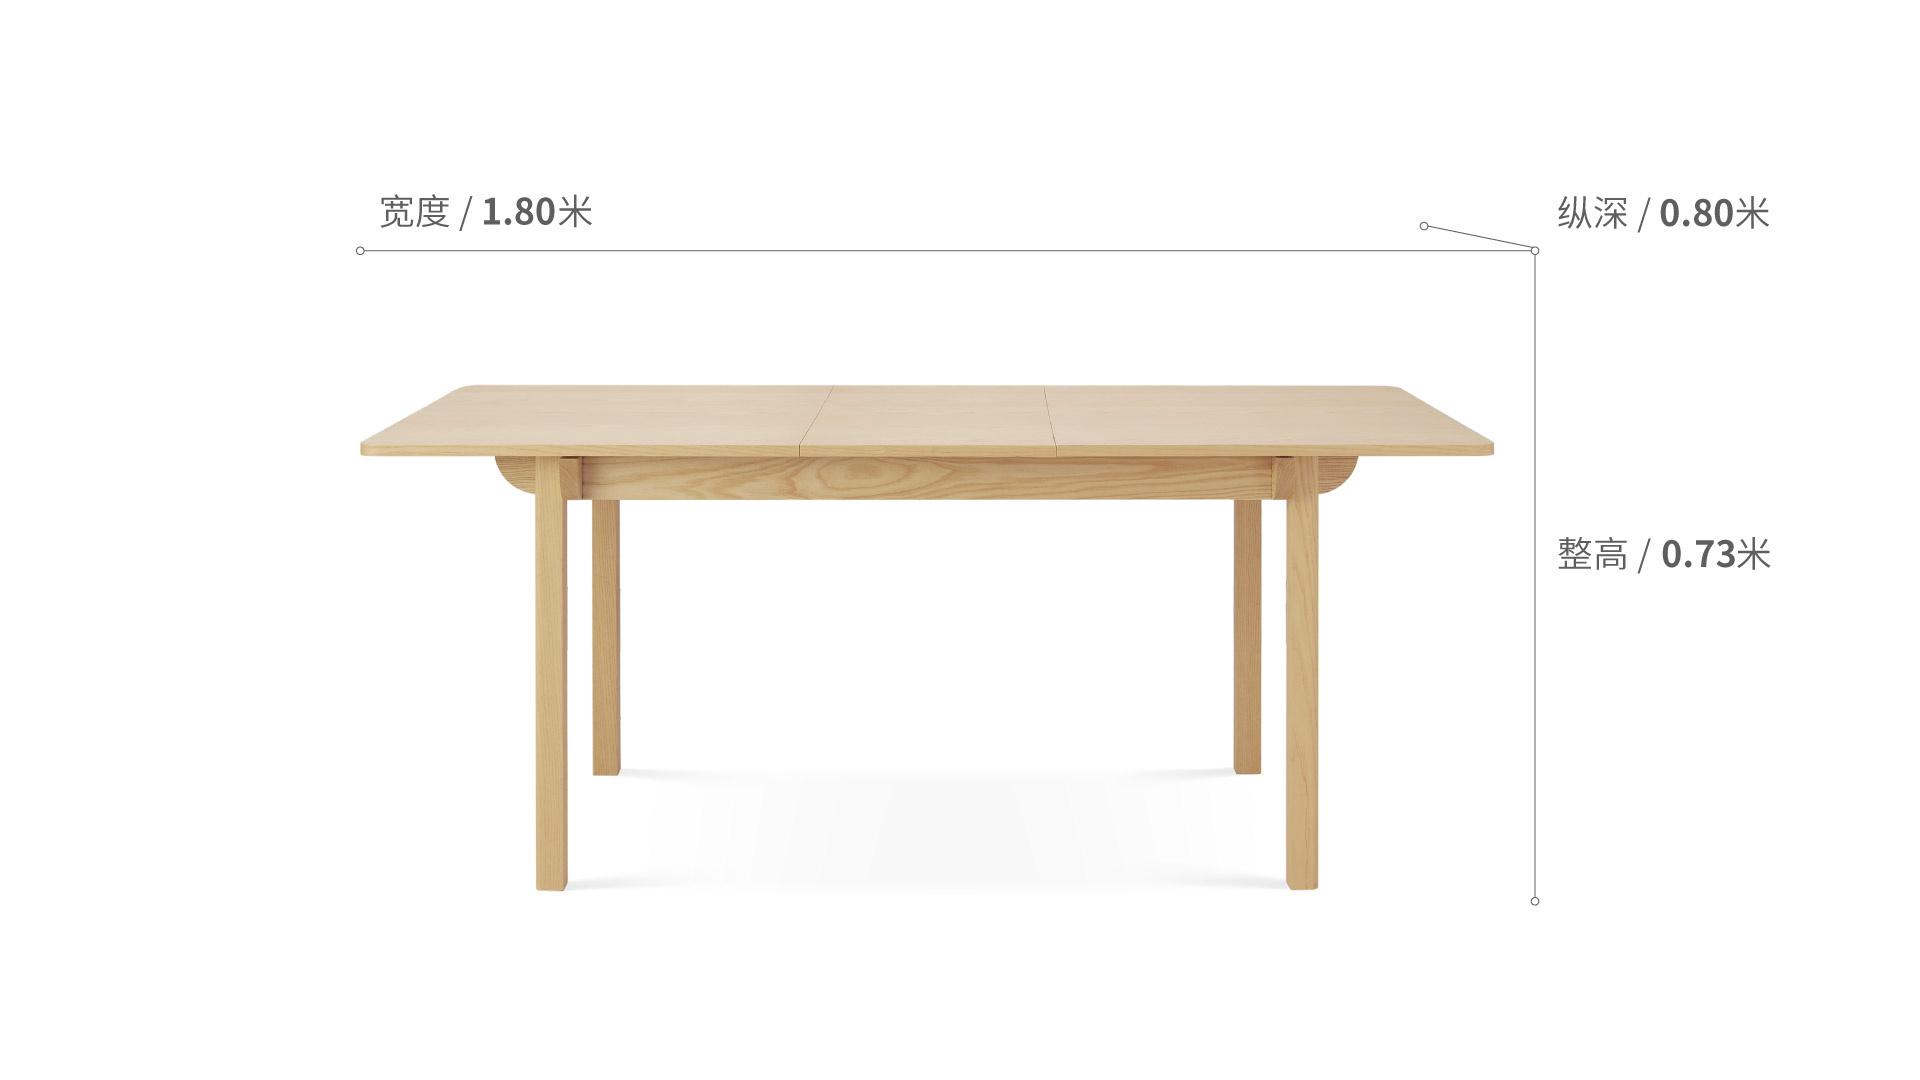 山雪伸缩桌 1.4-1.8米伸缩后桌几效果图